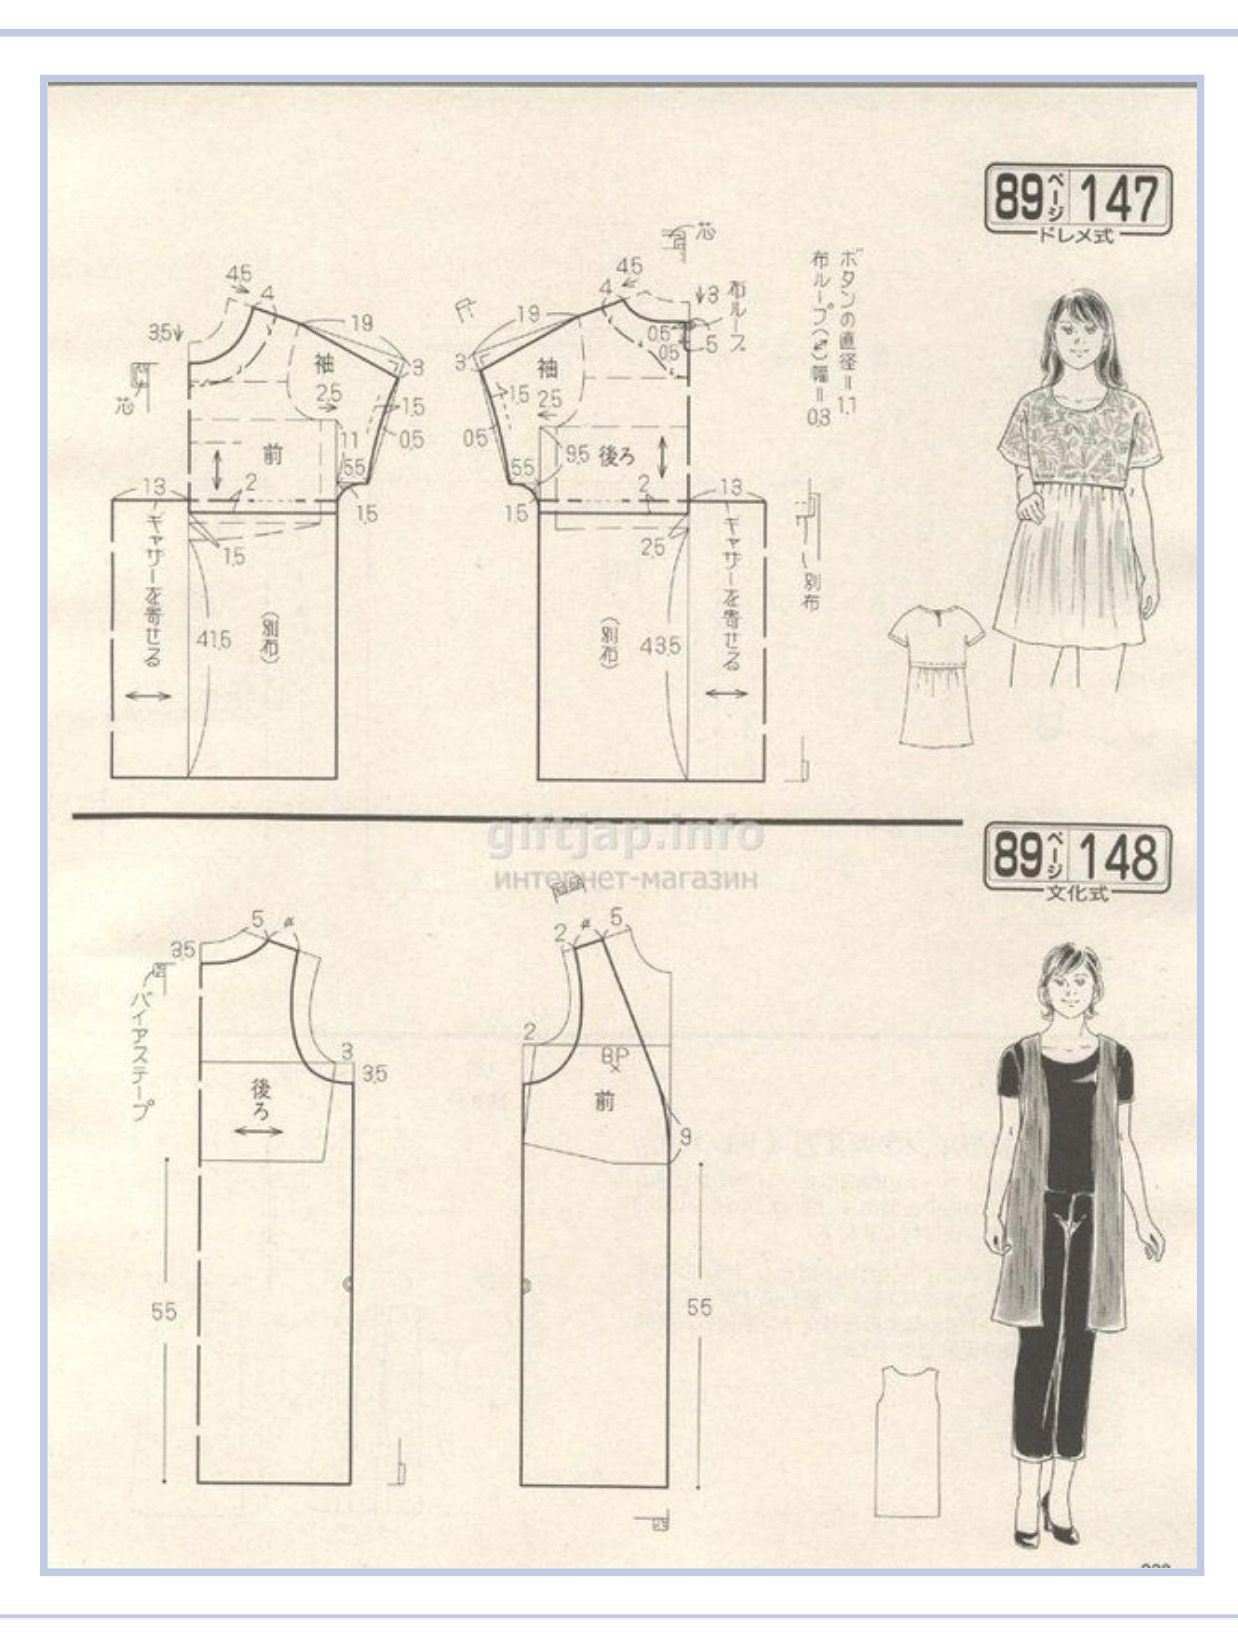 Pin by chung chiang tai on pinterest patterns japanese dress patterns shirt patterns sewing patterns japanese patterns ladies boutique sew pattern layout craft stitching patterns jeuxipadfo Image collections